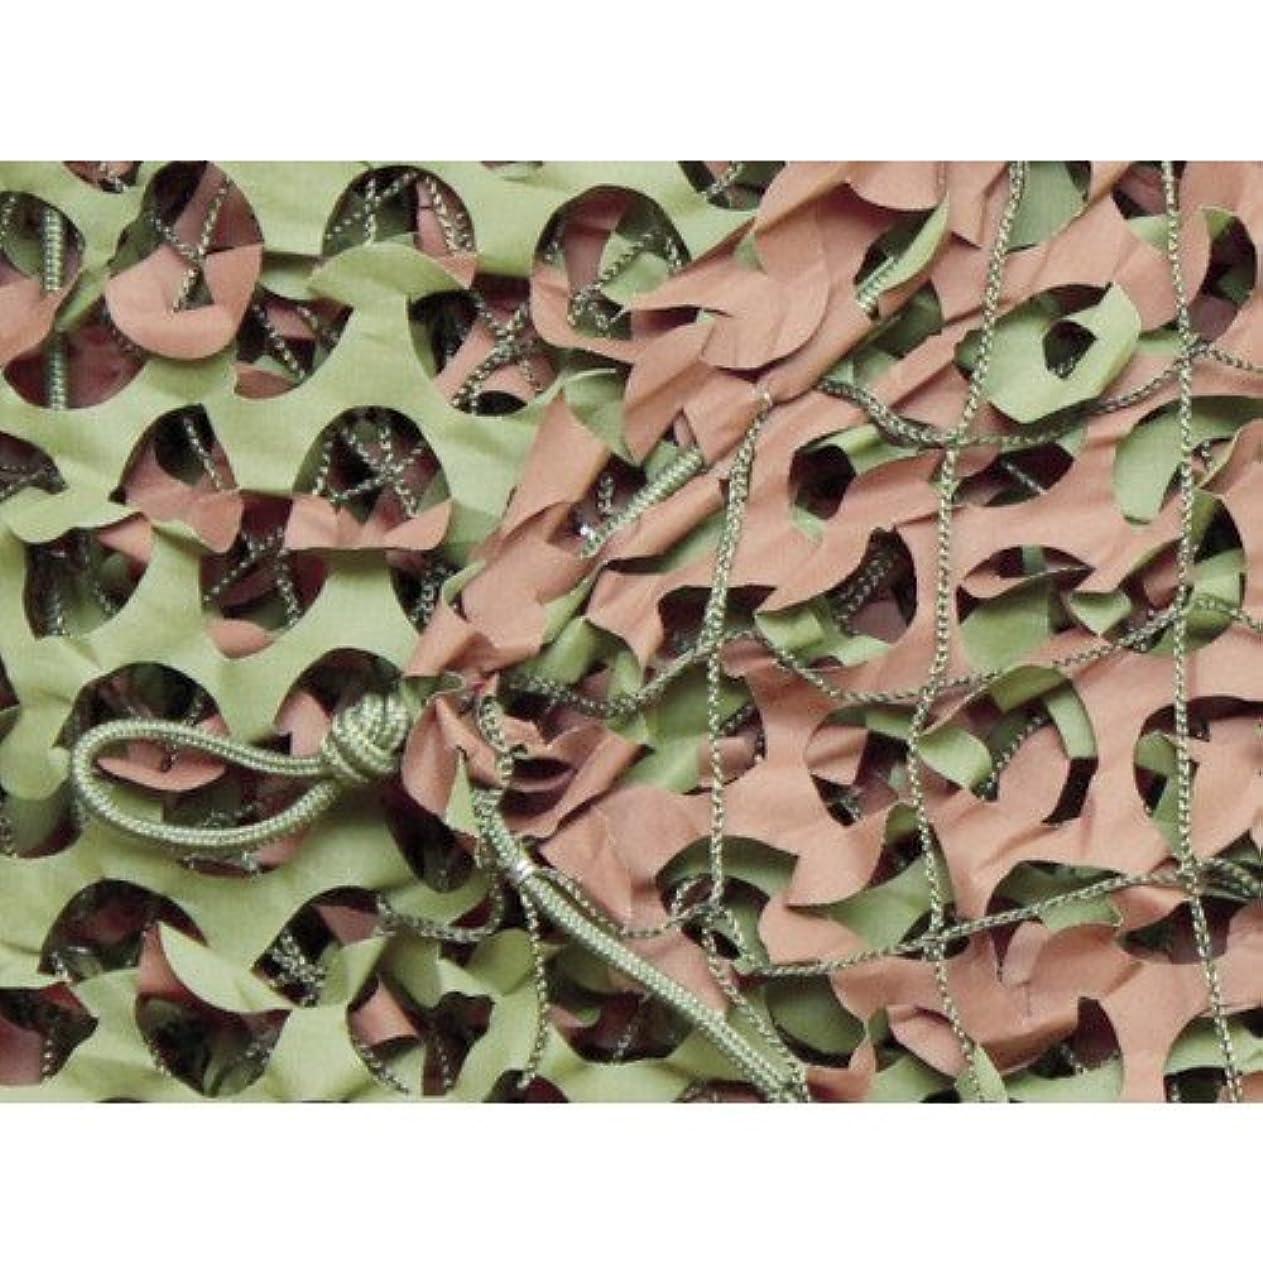 論争船外ゼリートラスコ中山 CAMO ベーシック レギュラーXミリタリー グリーン&ブラウン 1.8mX6m WM13